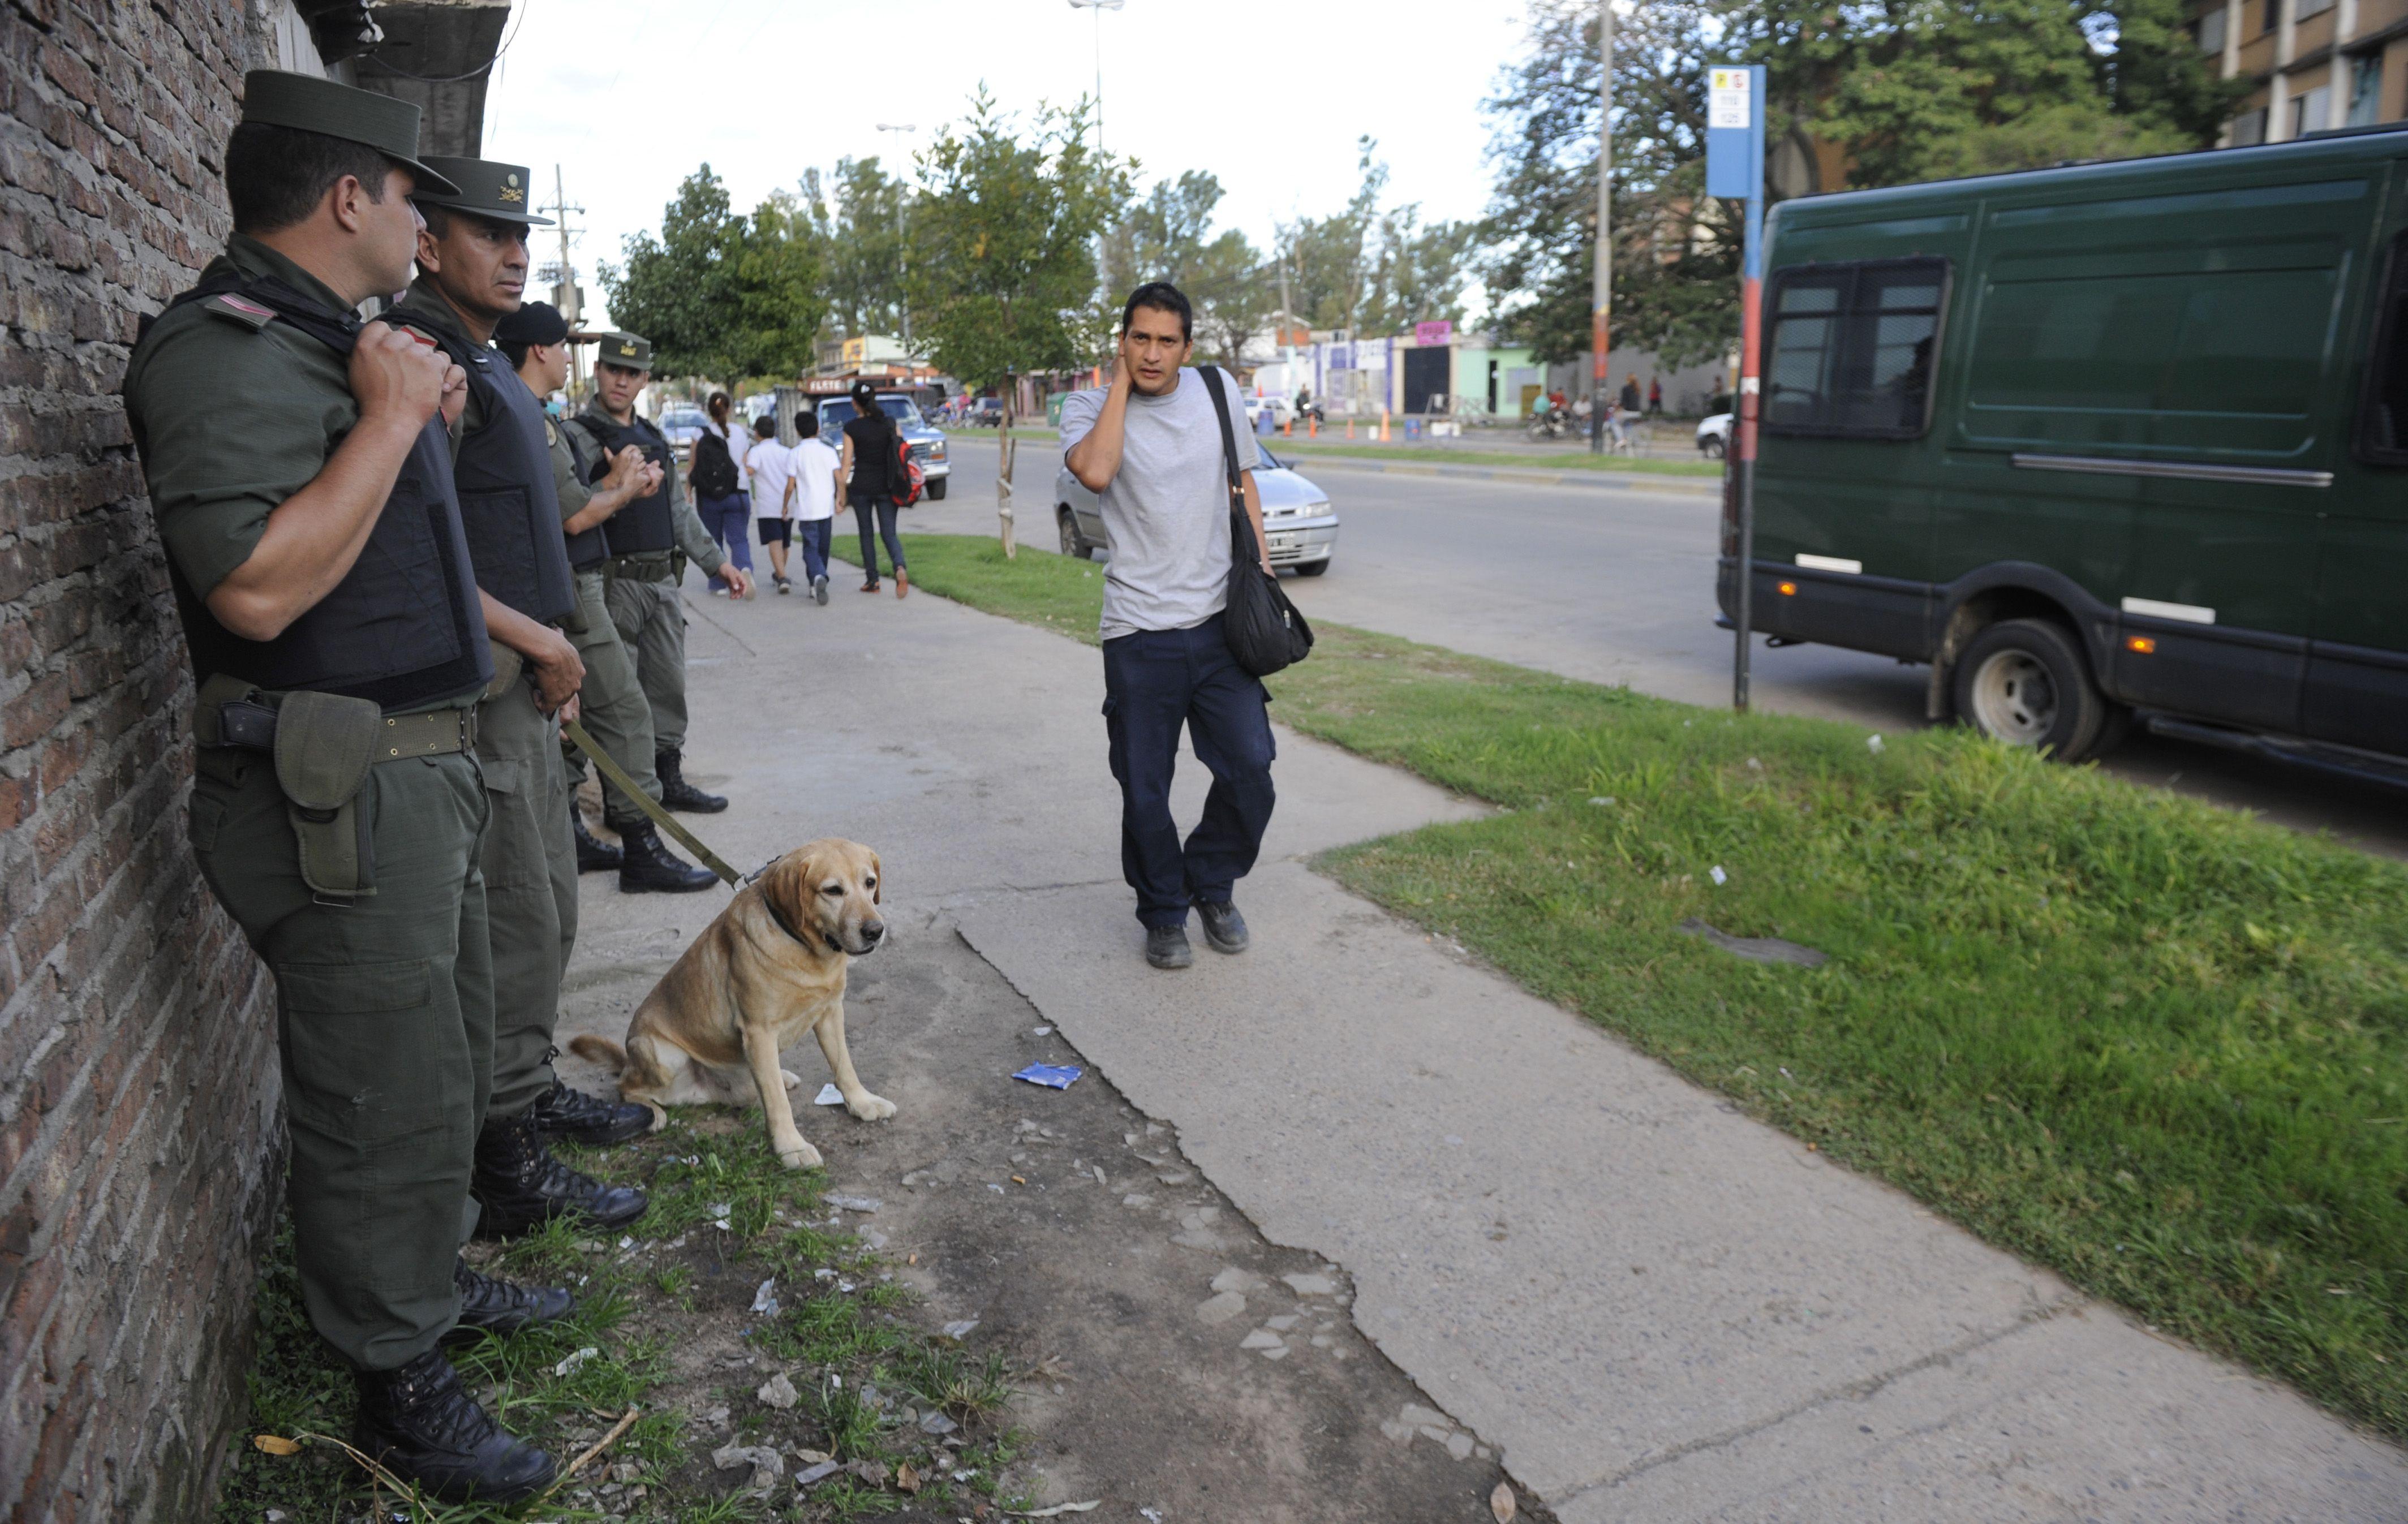 Las fuerzas federales patrullan hace más de un mes los barrios de Rosario.